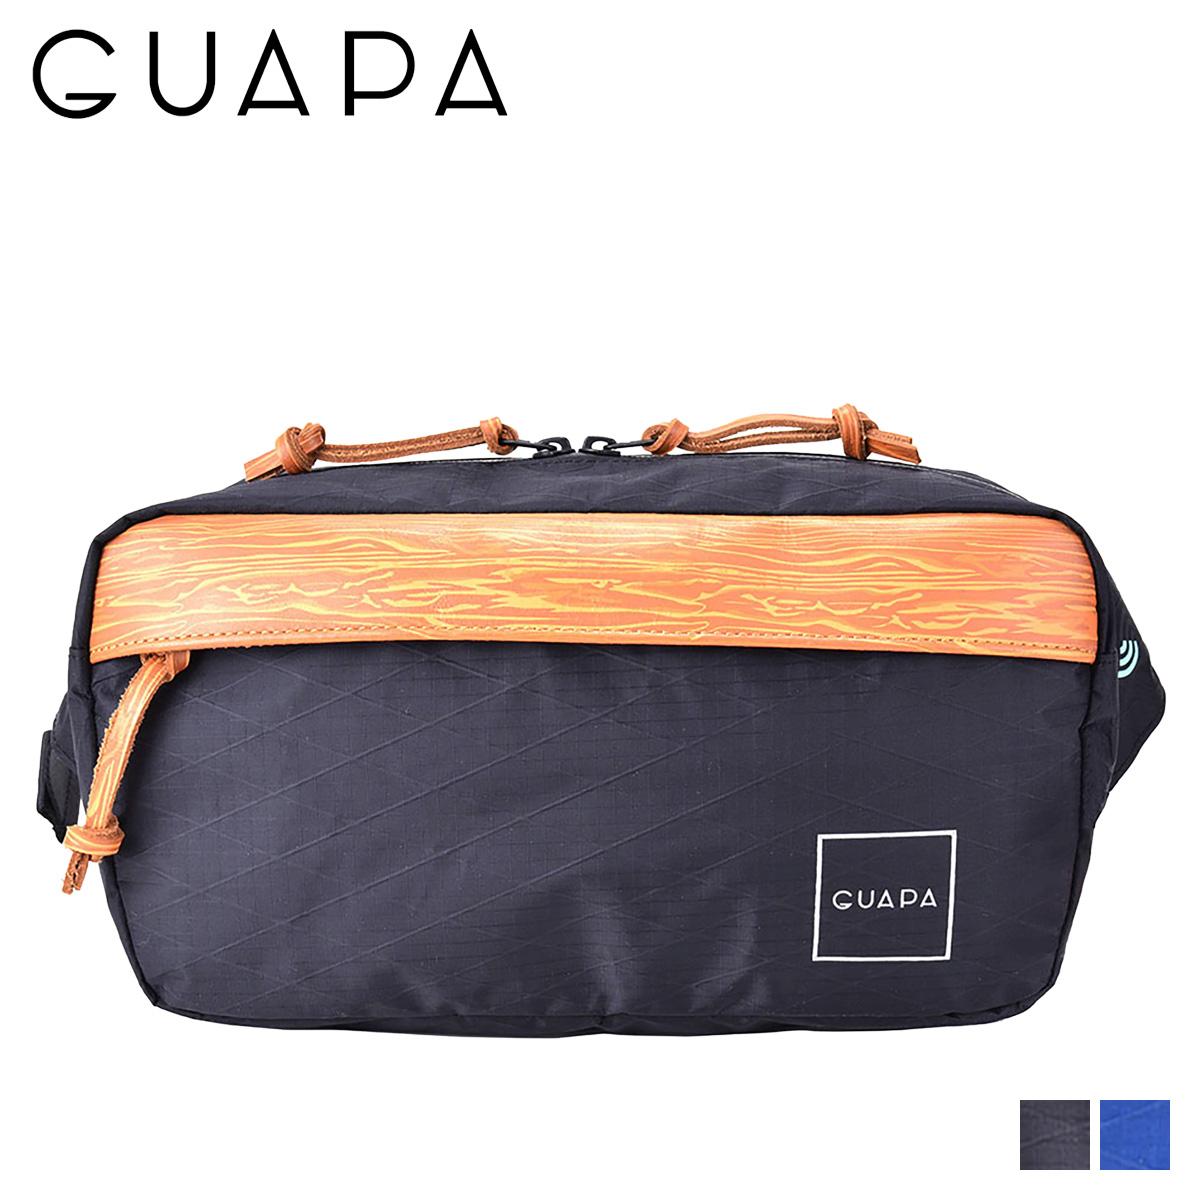 GUAPA X SERIES グアパ バッグ ウエストバッグ ボディバッグ ショルダー メンズ レディース ブラック ネイビー 黒 51002